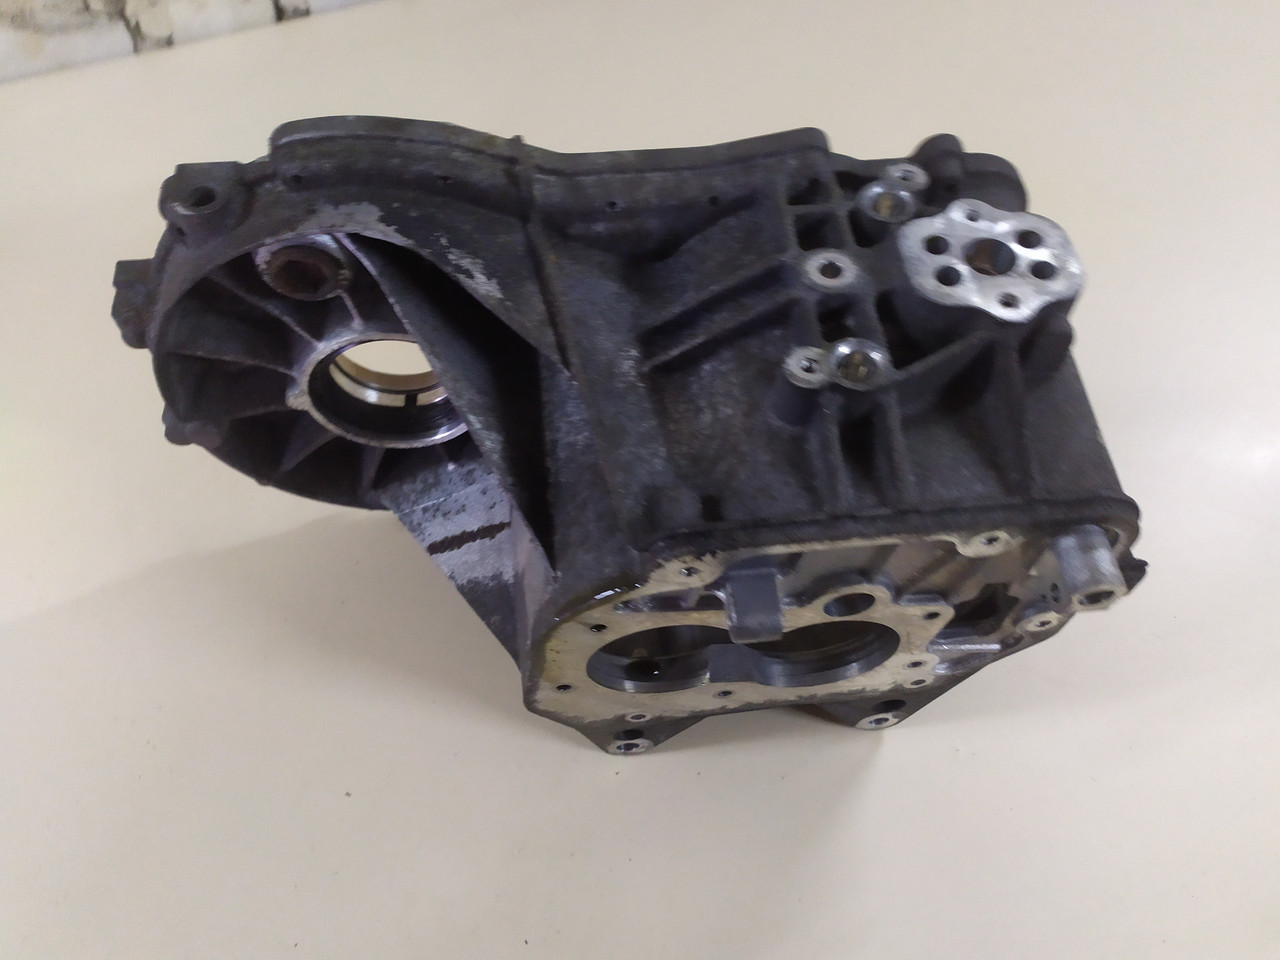 Корпус коробки передач КПП   021 301 103 K JHV, FVH, LVN, GVY